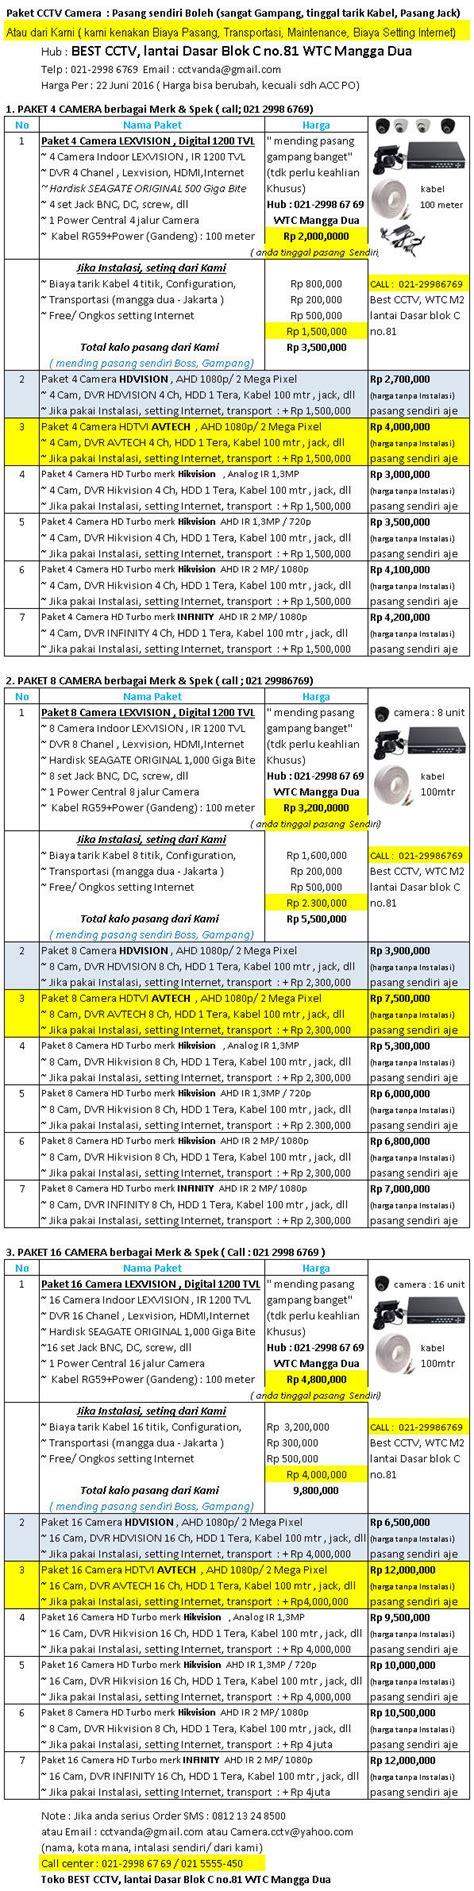 Harga Pers Berbagai Merk harga paket 4 8 16 berbagai merk